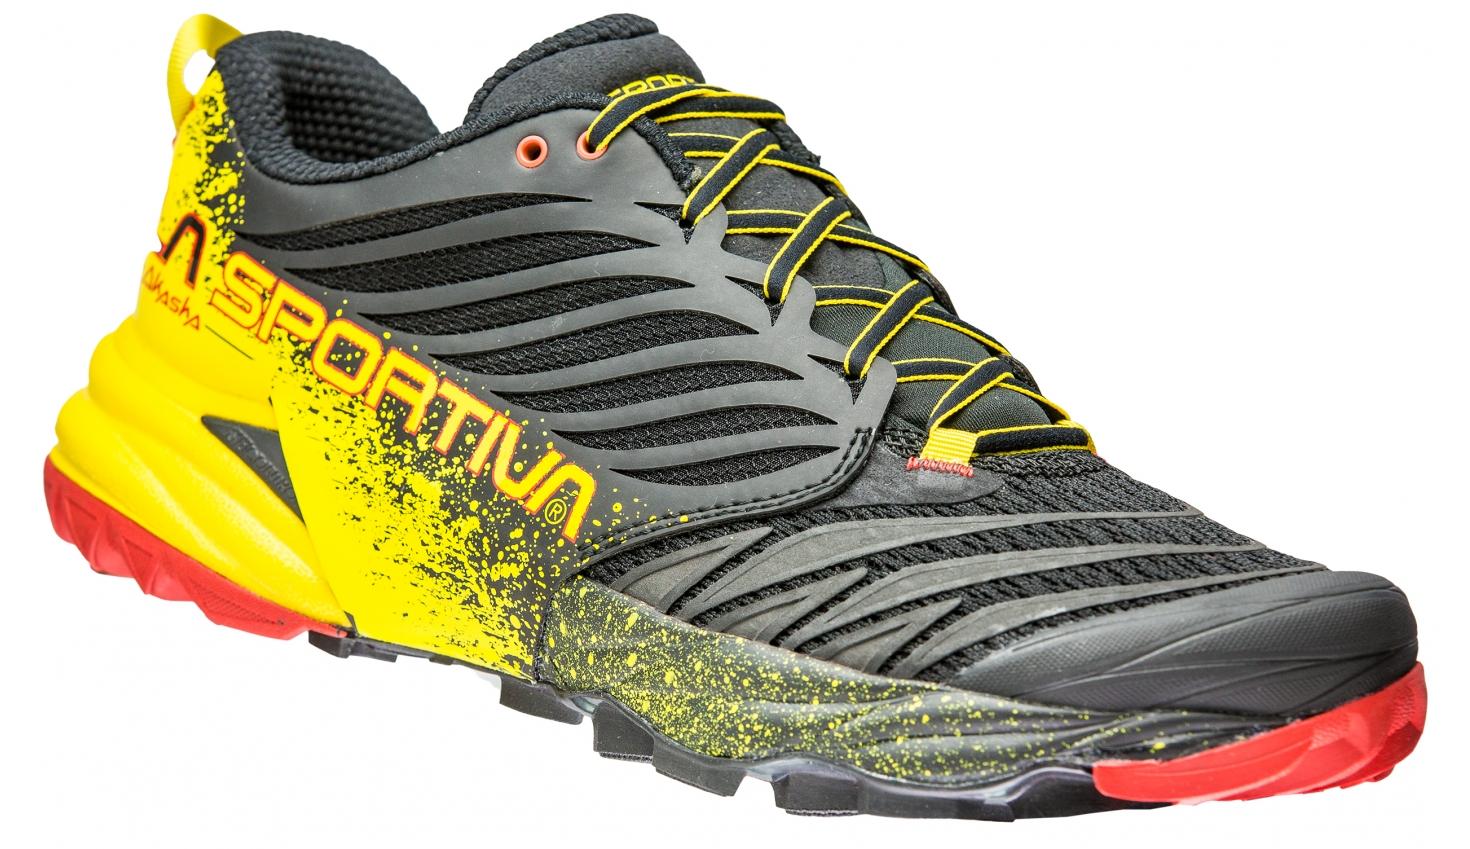 AKASHA 6 claves para ser tu nueva zapatilla de trail